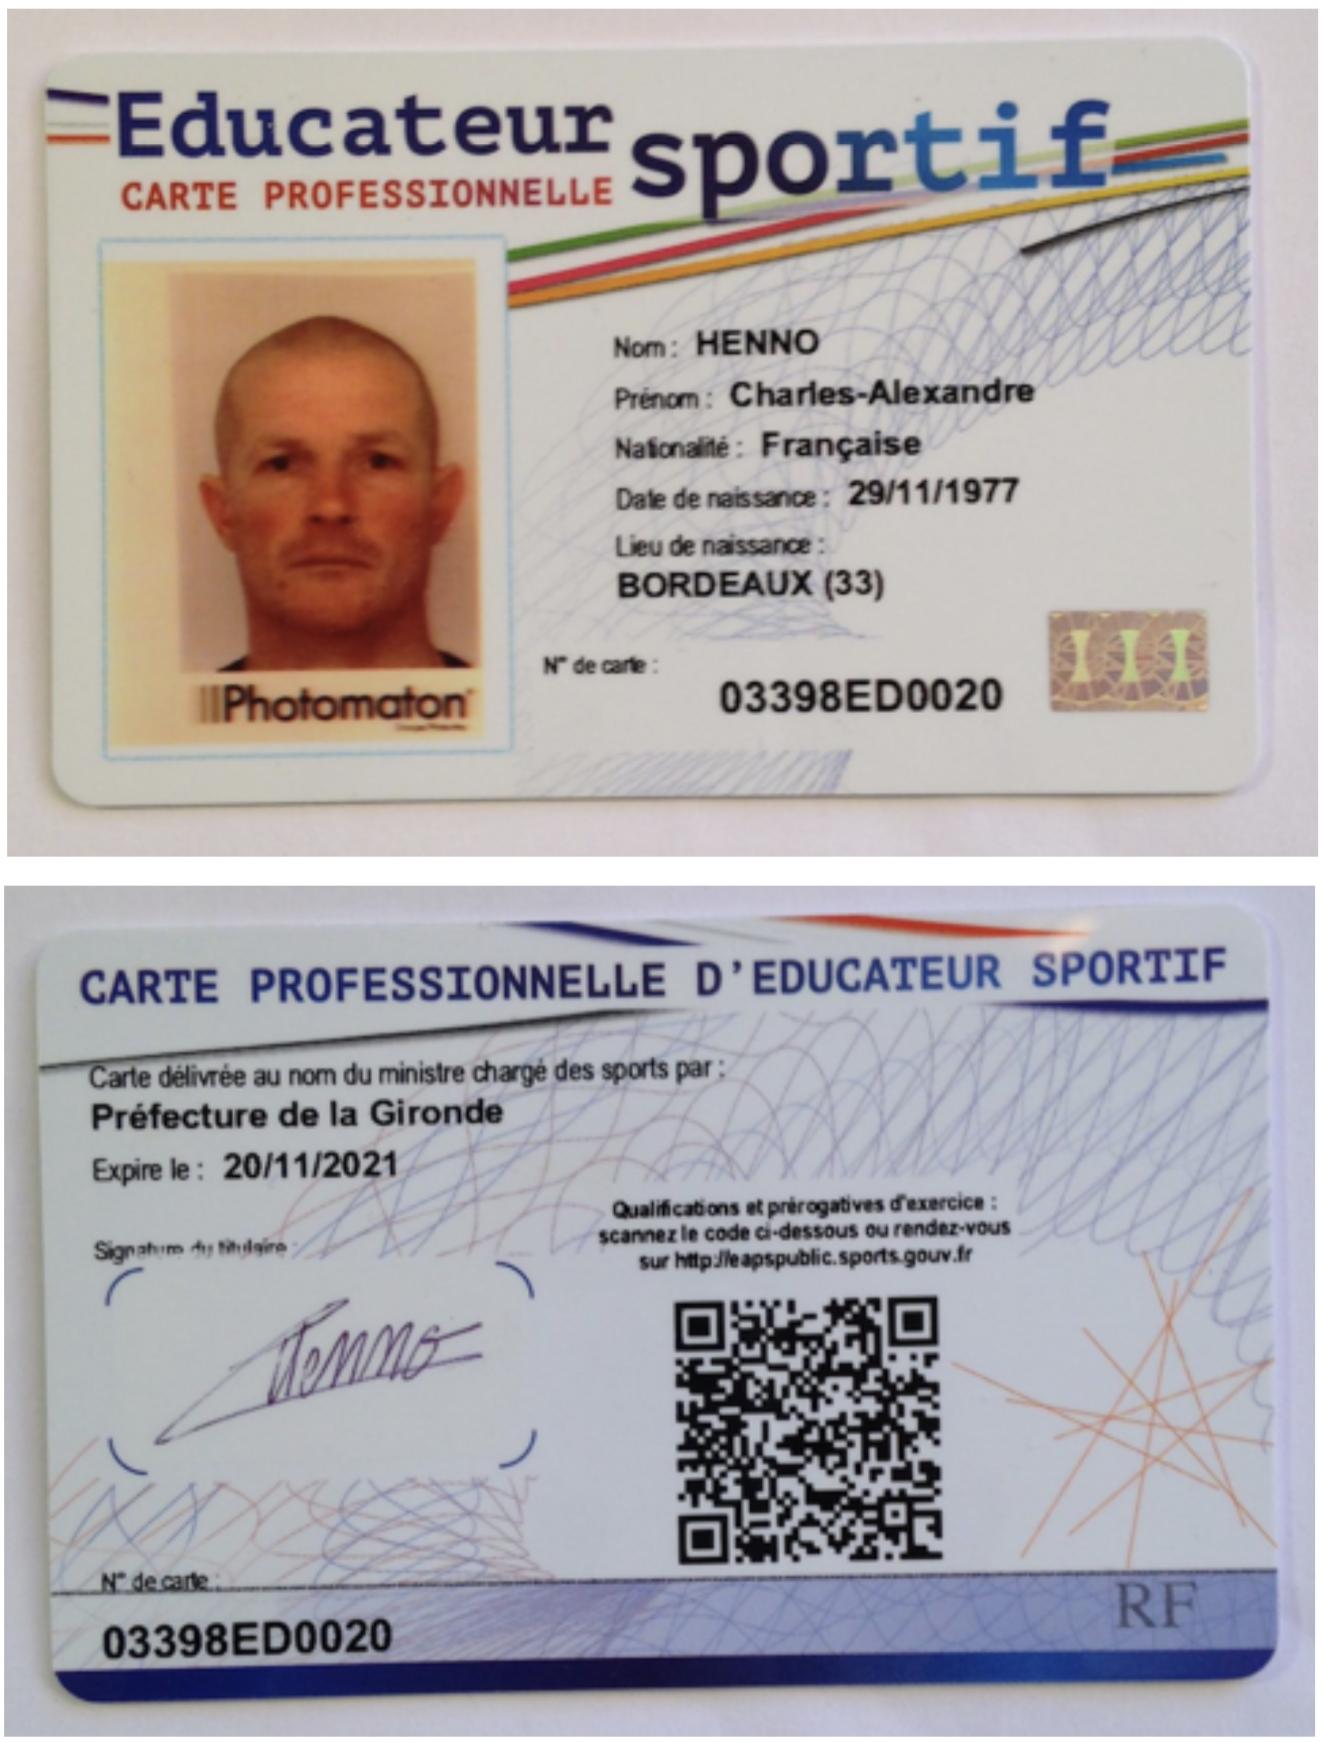 Carte Professionnelle.png